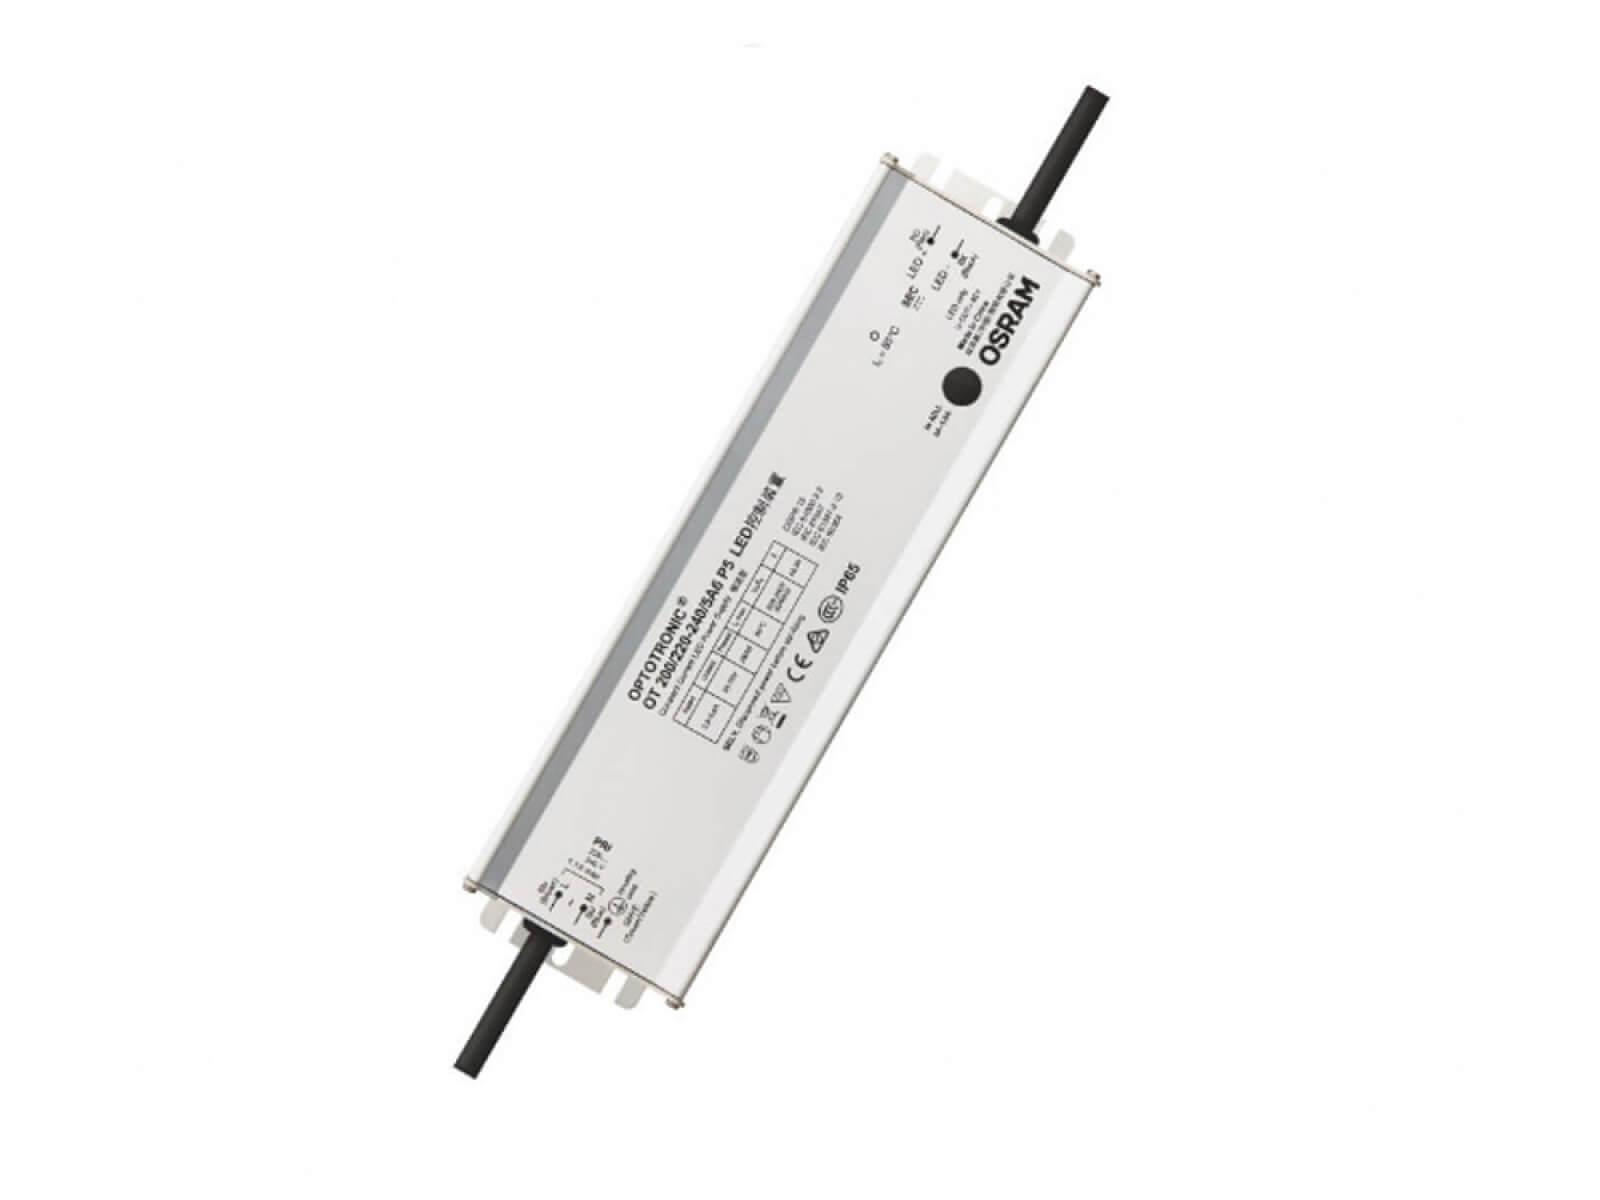 Yüksek Çıkış Akımlı/Ayarlanabilir LED Driver